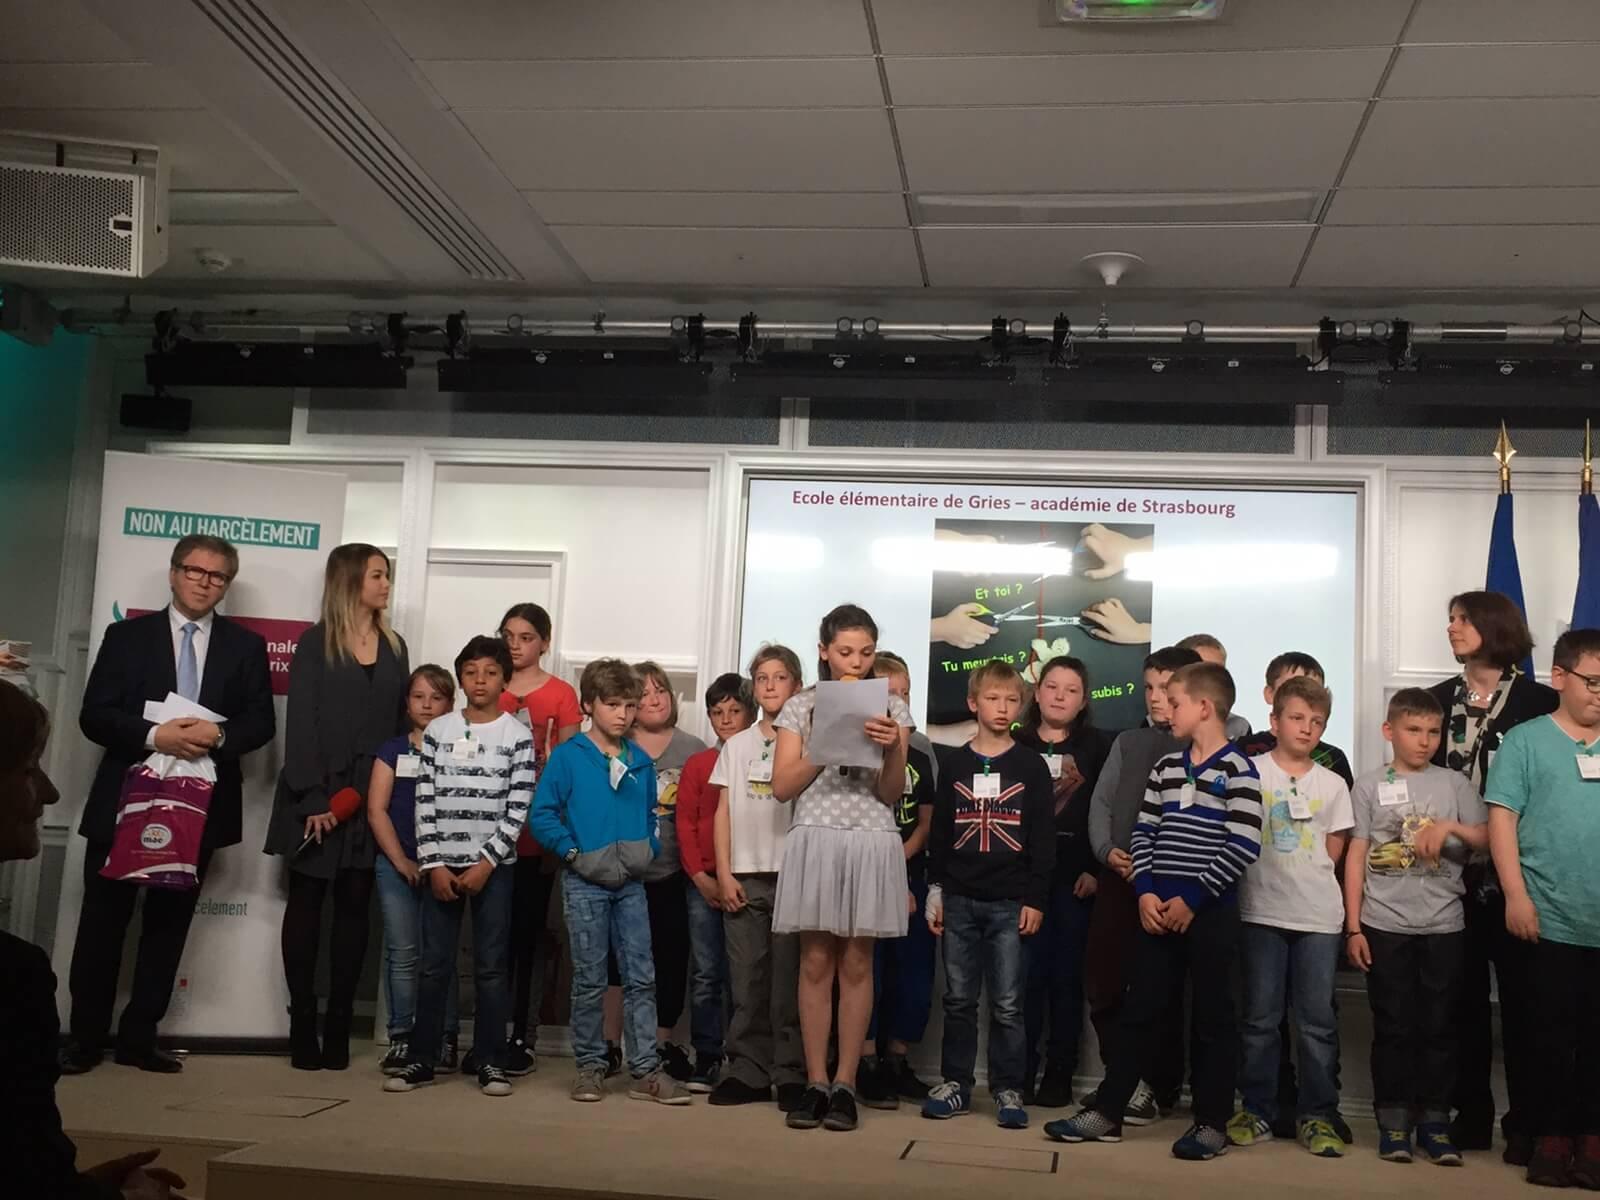 Les gagnants du prix contre le harcèlement à l'école 2016